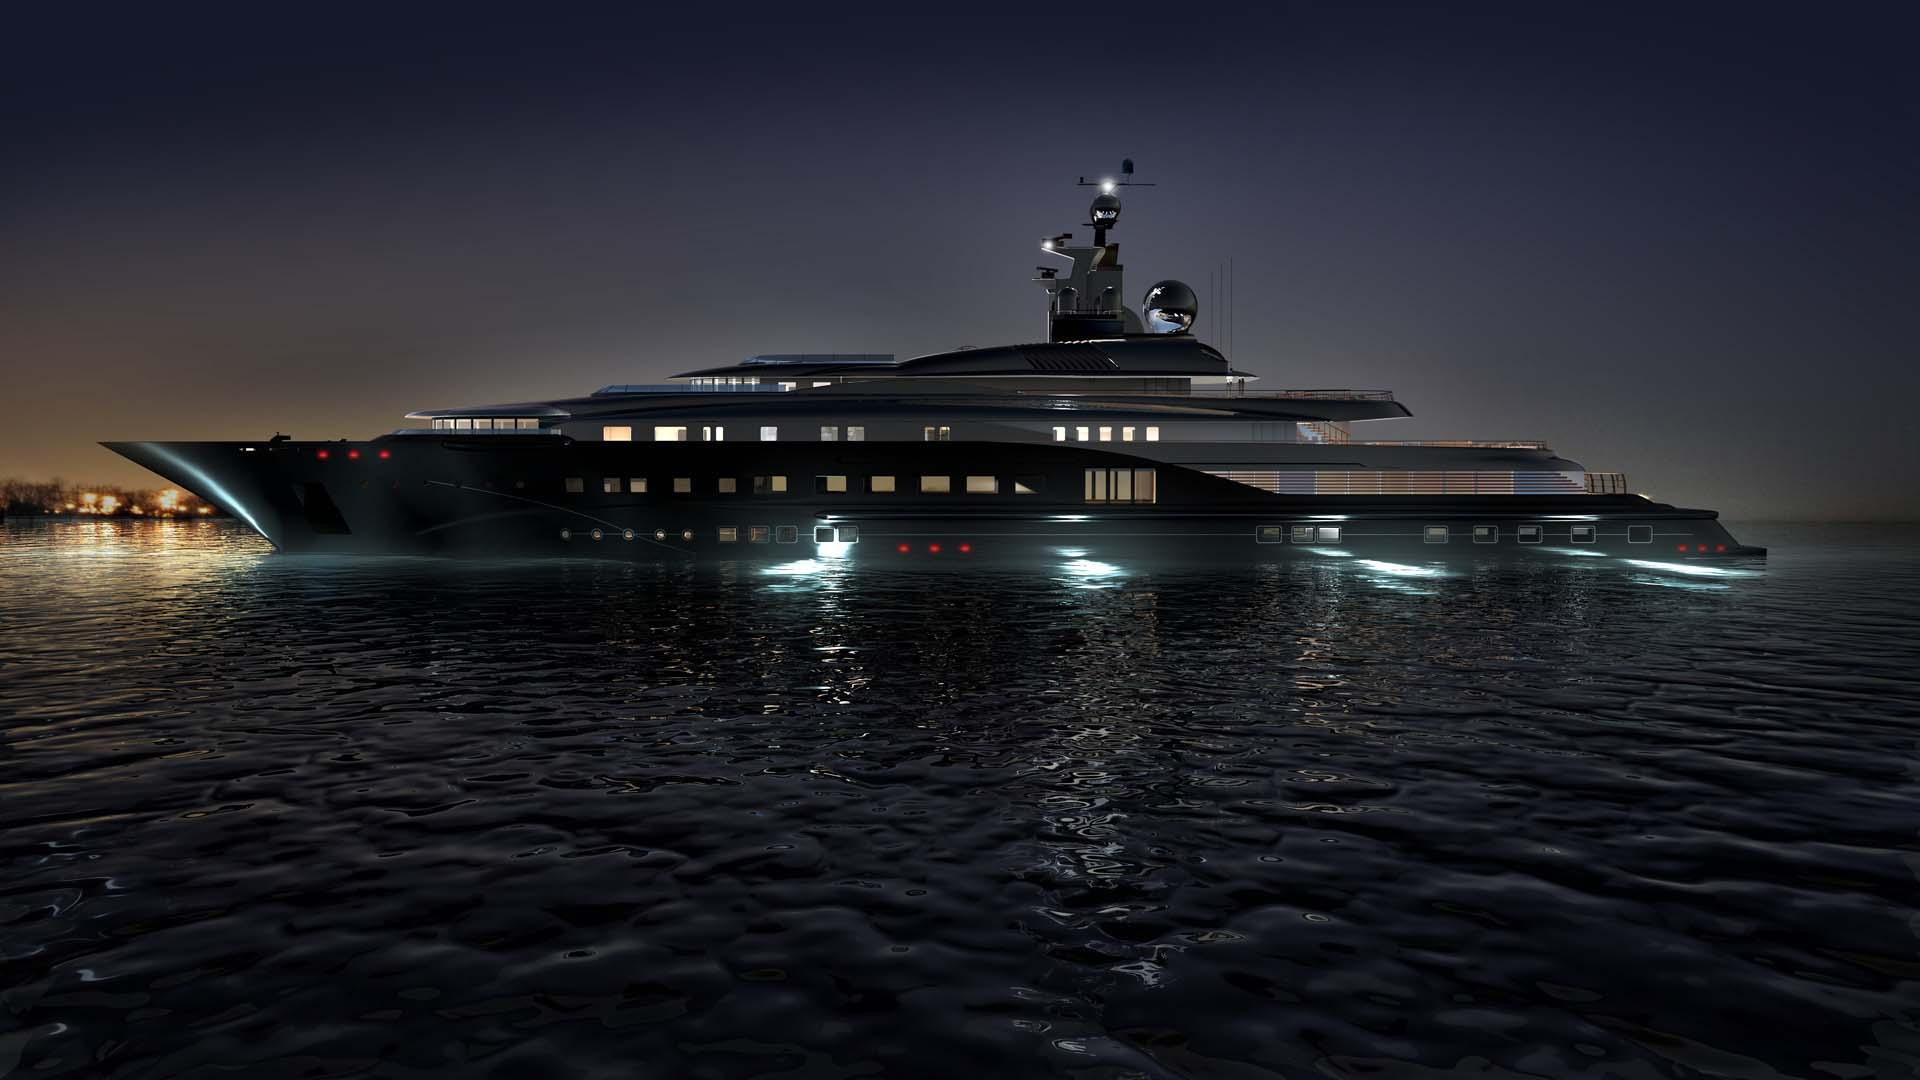 image de synthèse yacht images de synthèse 3D architecture